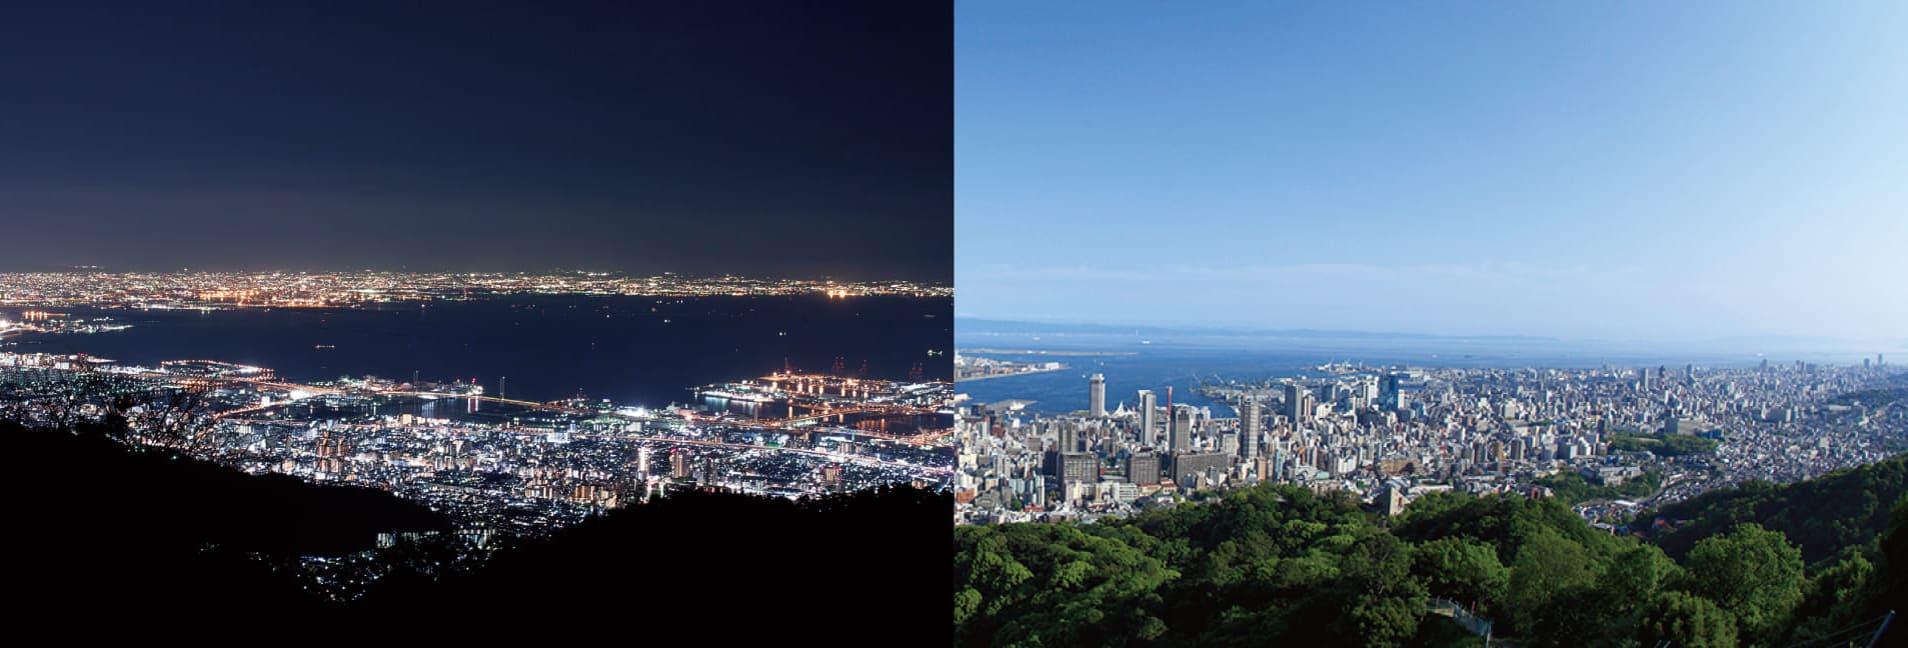 六甲山の緑の先にある神戸の街並みと海。それと摩耶山掬星台から見た夜景が広がっています。